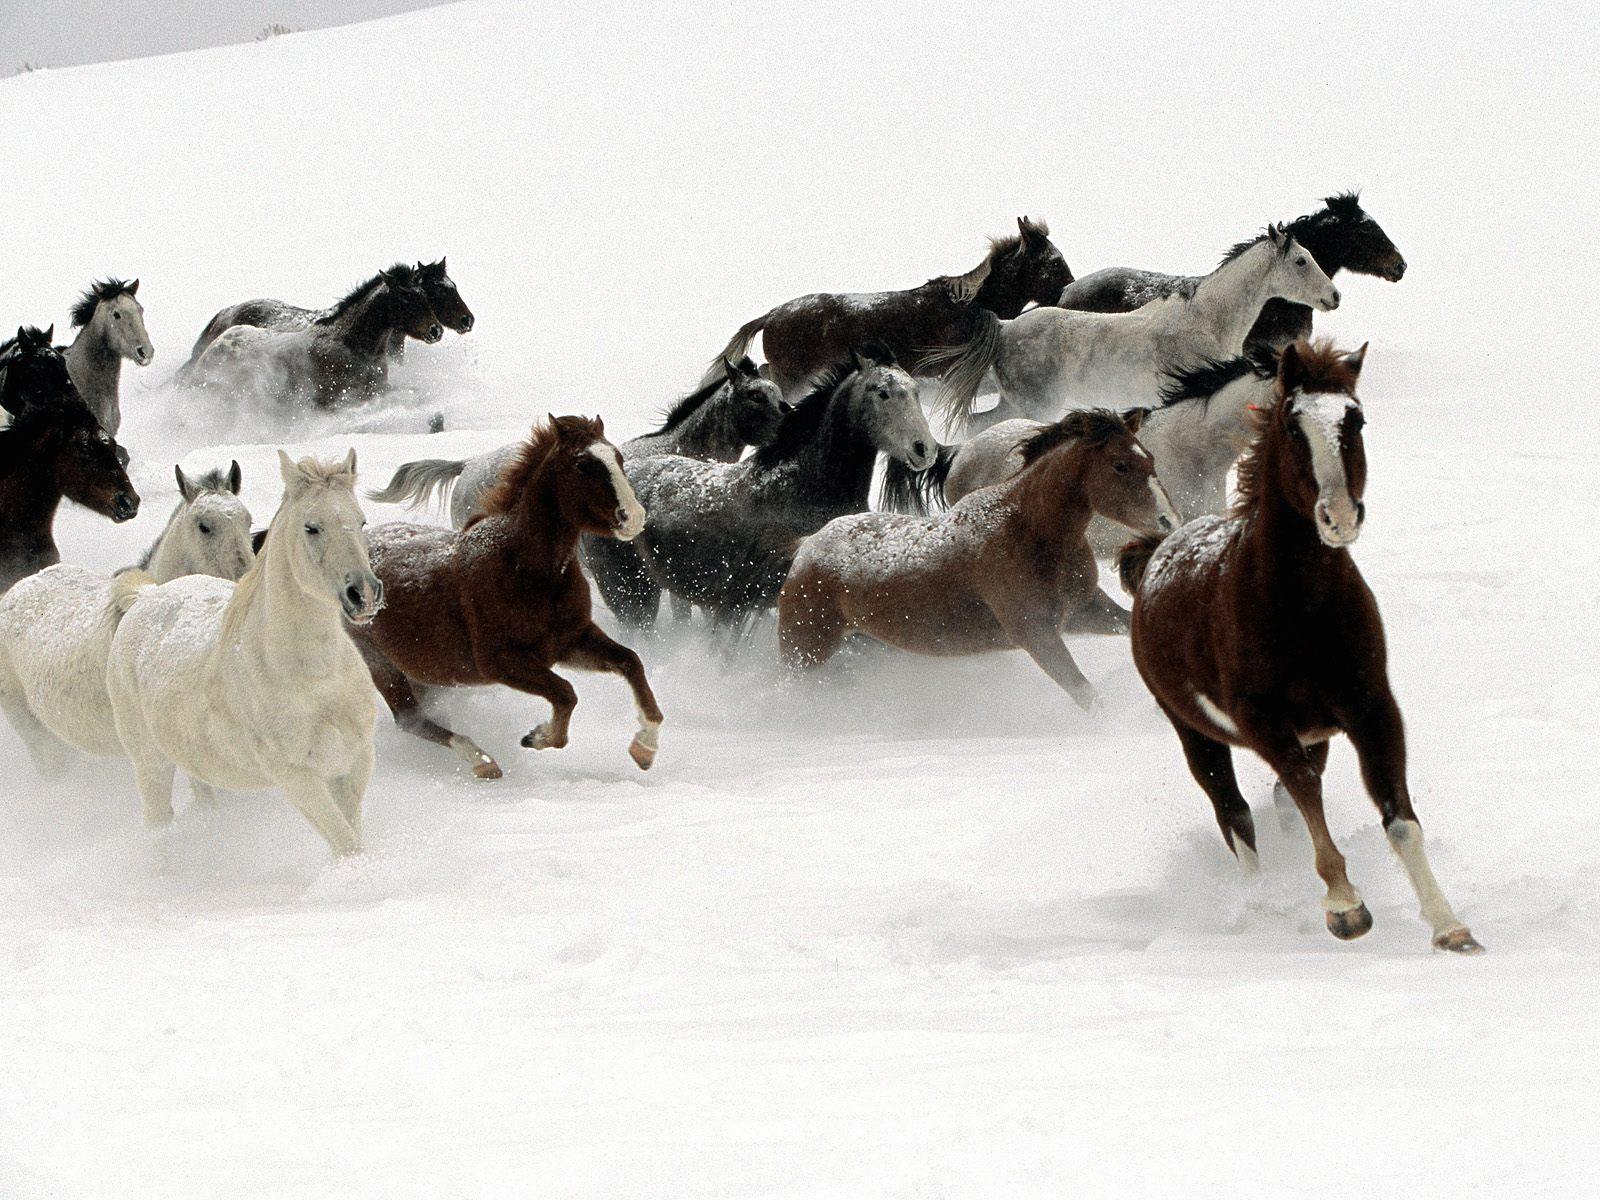 http://2.bp.blogspot.com/-bU6v9CLkXxo/TiWwTSnKZaI/AAAAAAAAAkw/jLXhtXezwfI/s1600/caballos-nieve.jpg